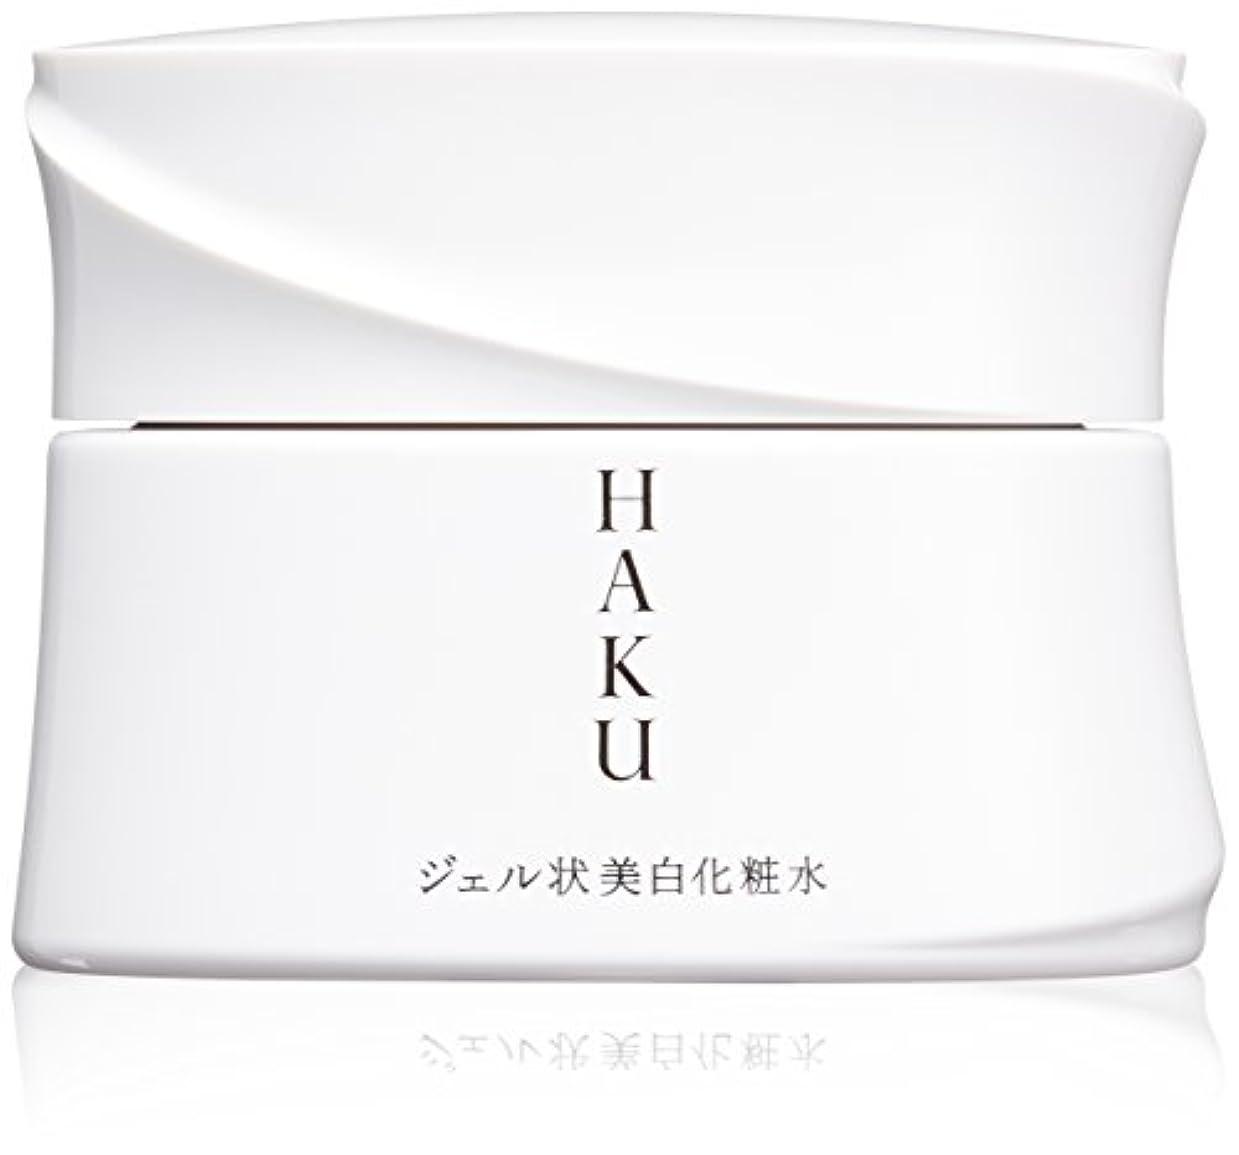 会話型赤外線割るHAKU メラノディープモイスチャー 美白化粧水 100g 【医薬部外品】